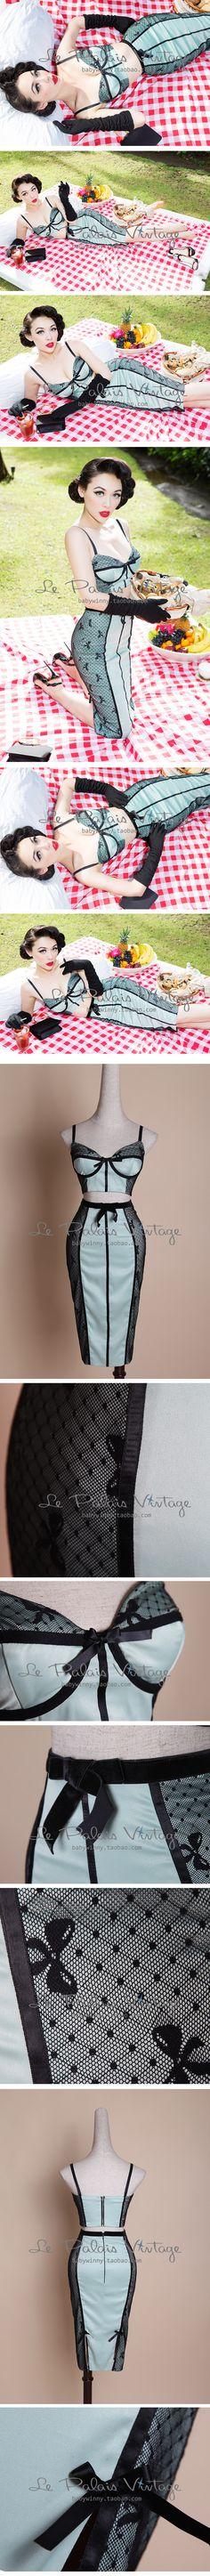 le palais vintage复古薄荷绿蕾丝拼接显瘦胸衣+铅笔裙套装0.4-淘宝网